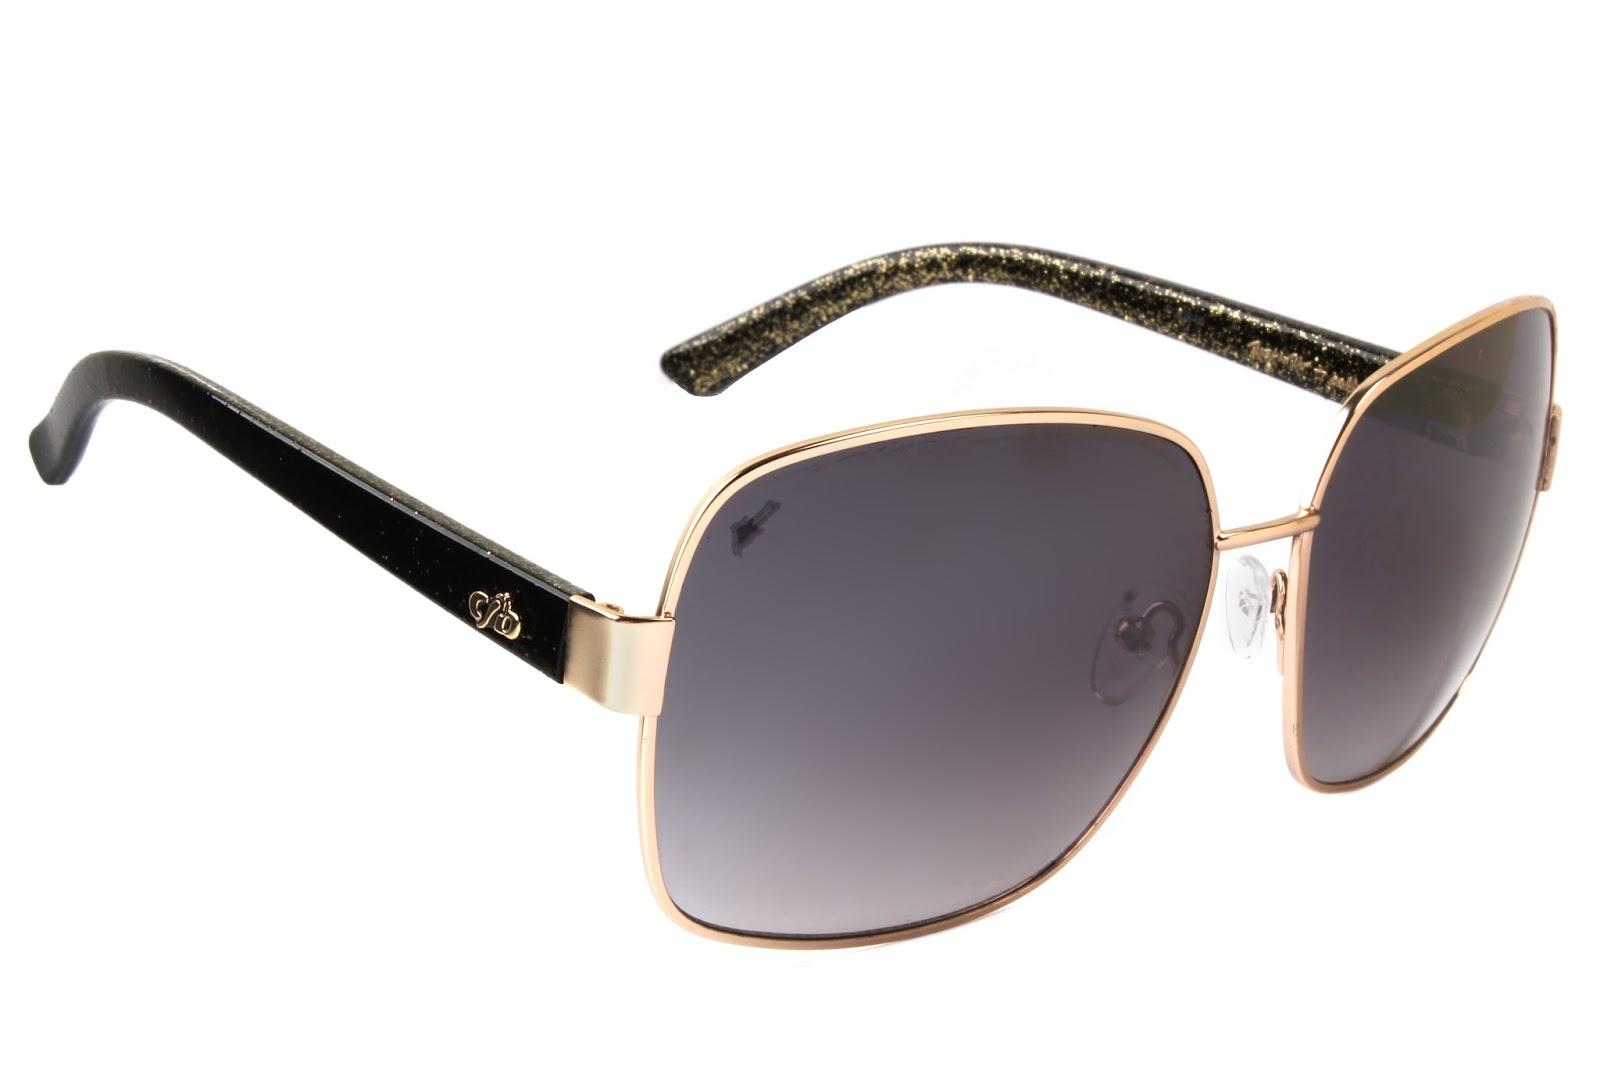 Glamour e Felicidade  Moda  Chilli Beans lança coleção de óculos de sol no  Rock a88452f0d3